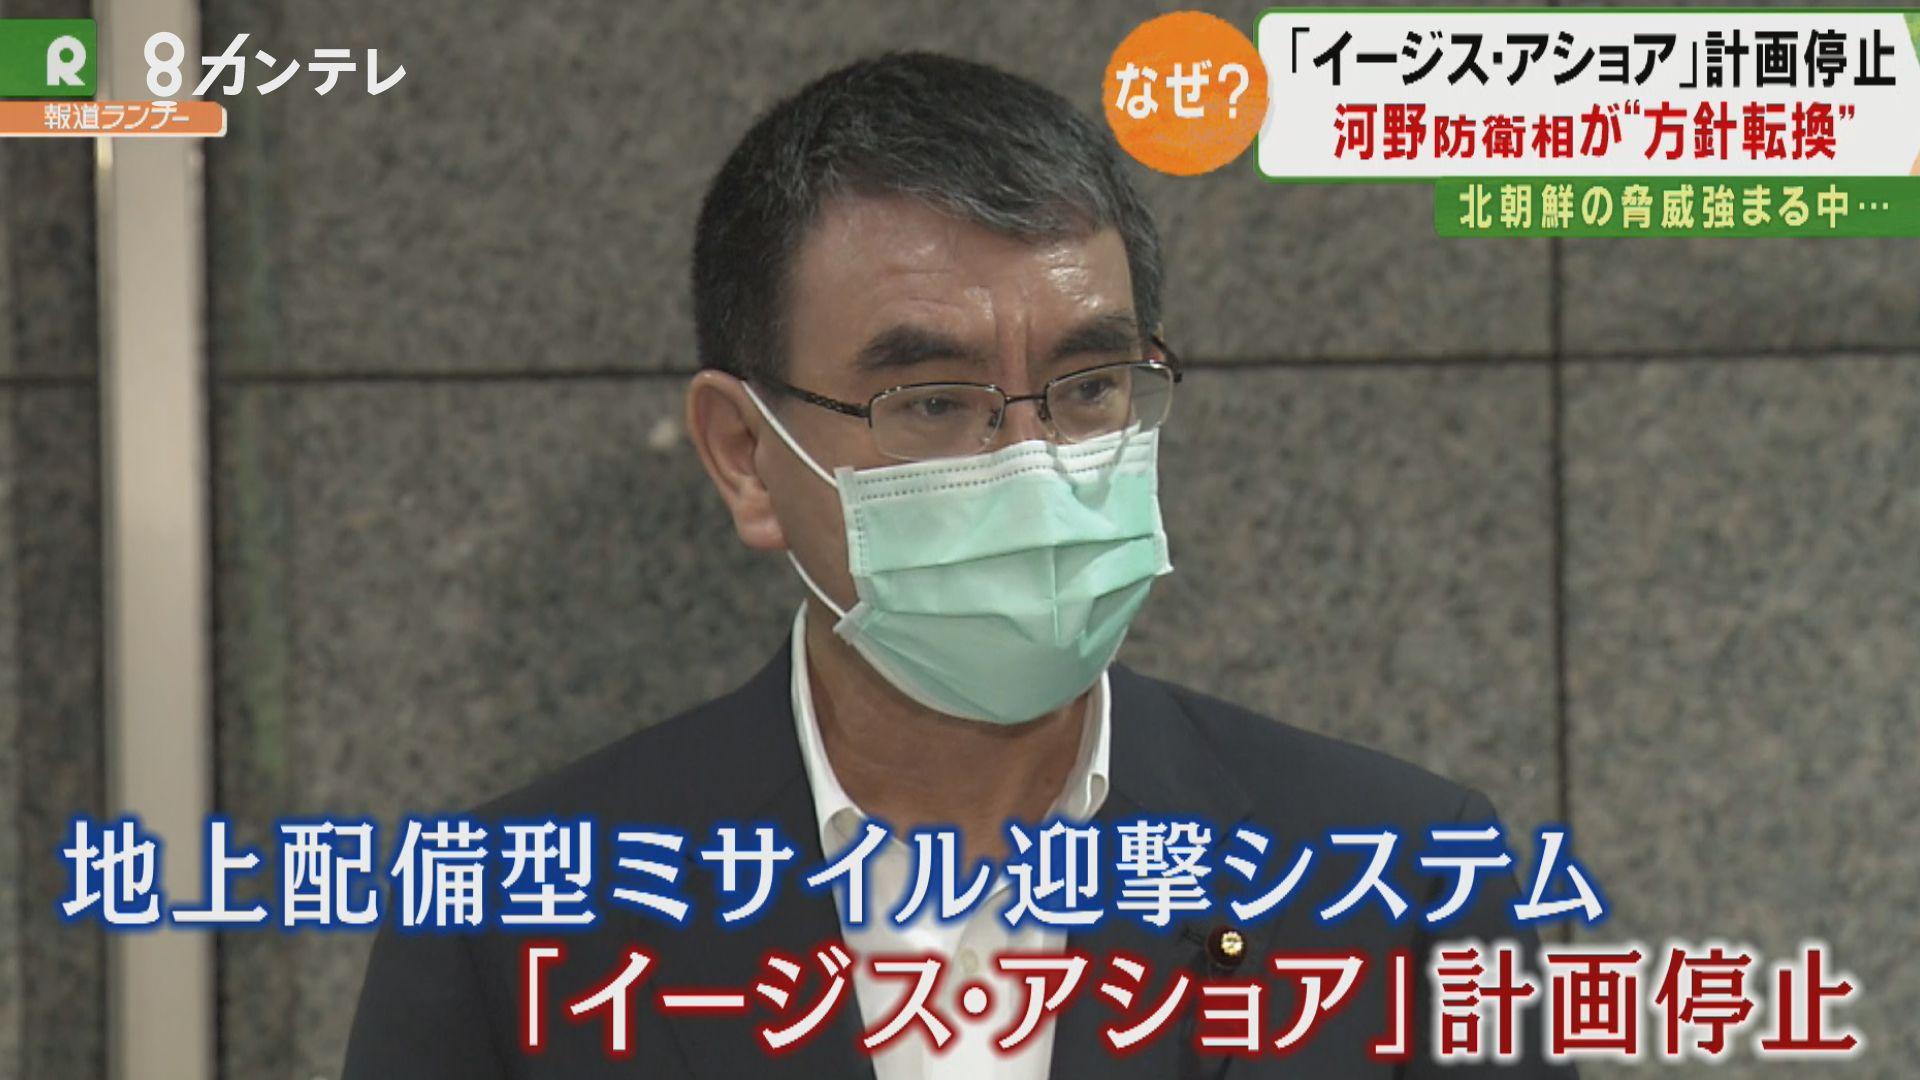 【解説】「イージス・アショア」配備計画停止で問われるニッポンのミサイル防衛